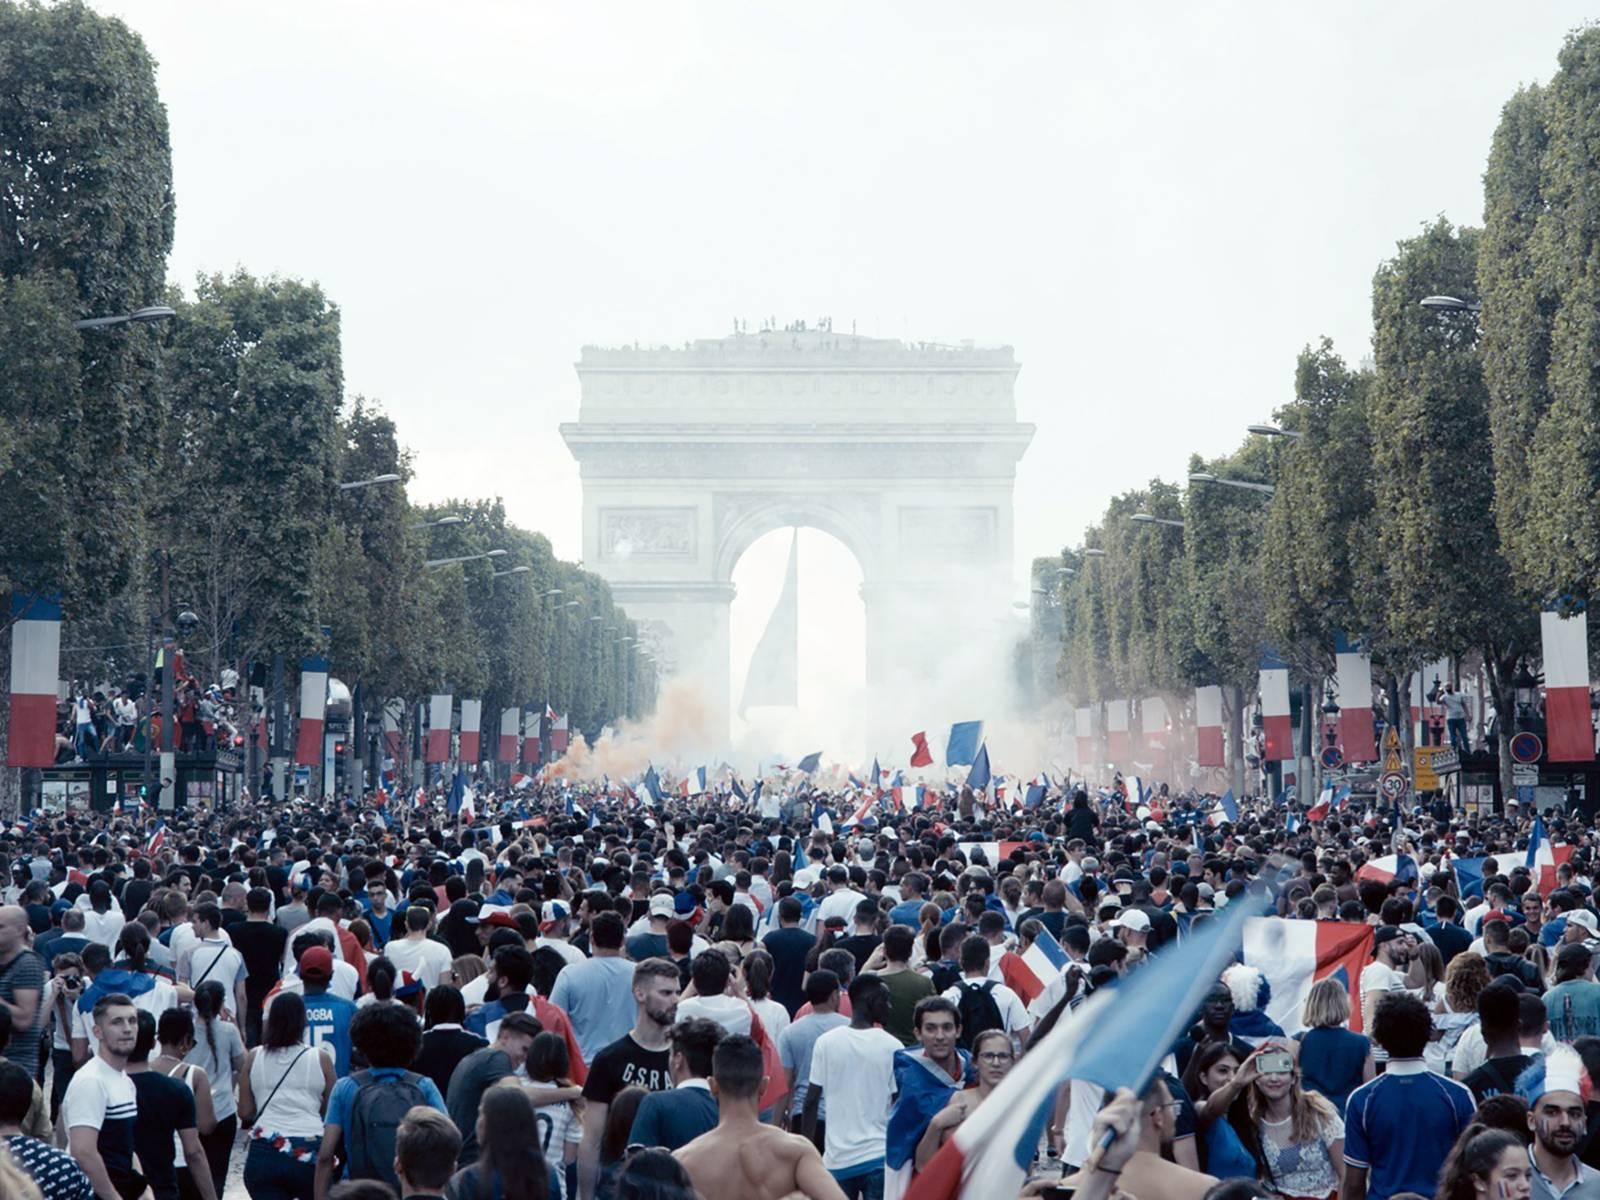 Auf dem Foto sind Menschenmassen vor dem Arc de Triomphe in Paris zu sehen. Rechts und links Baumreihen und viele französische Fahnen.